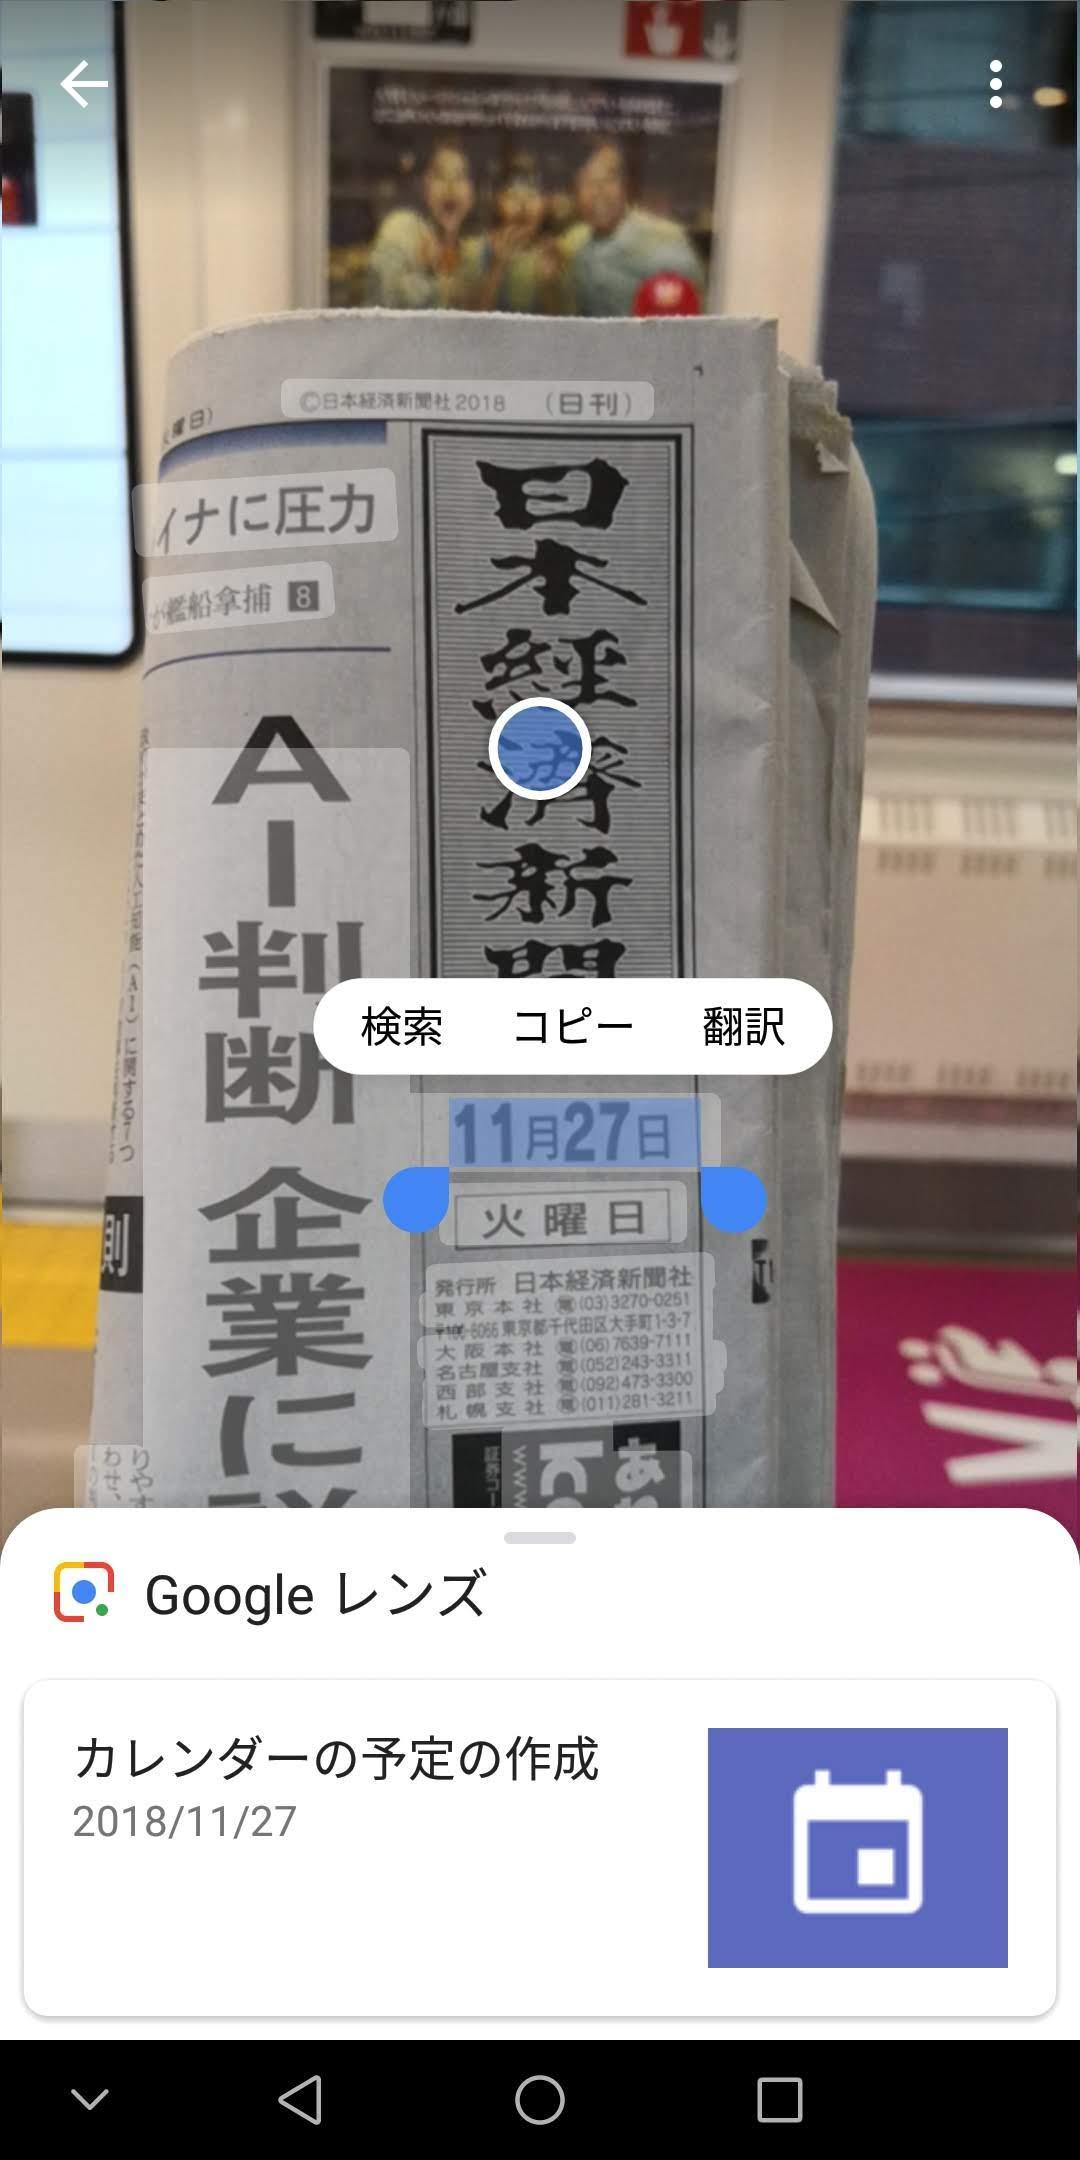 アプリ「Googleレンズ」の使用風景⑤